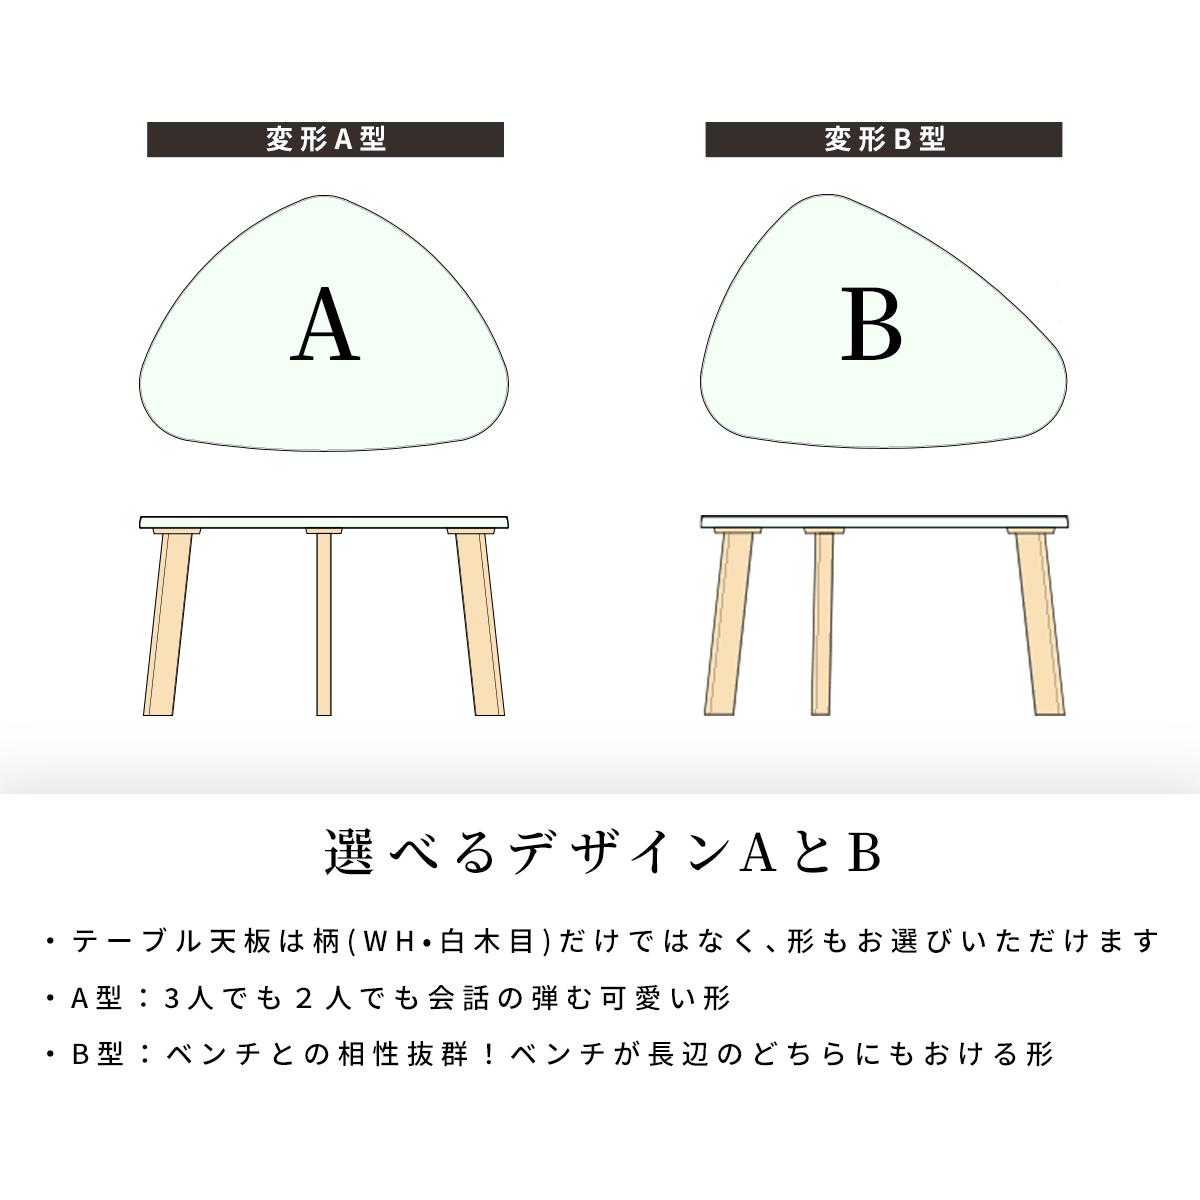 [幅130/高さ70] ダイニング 変形テーブルB 4点セット 3人掛け ホワイト MY 0114 (テーブル, チェア 2脚, ベンチ)